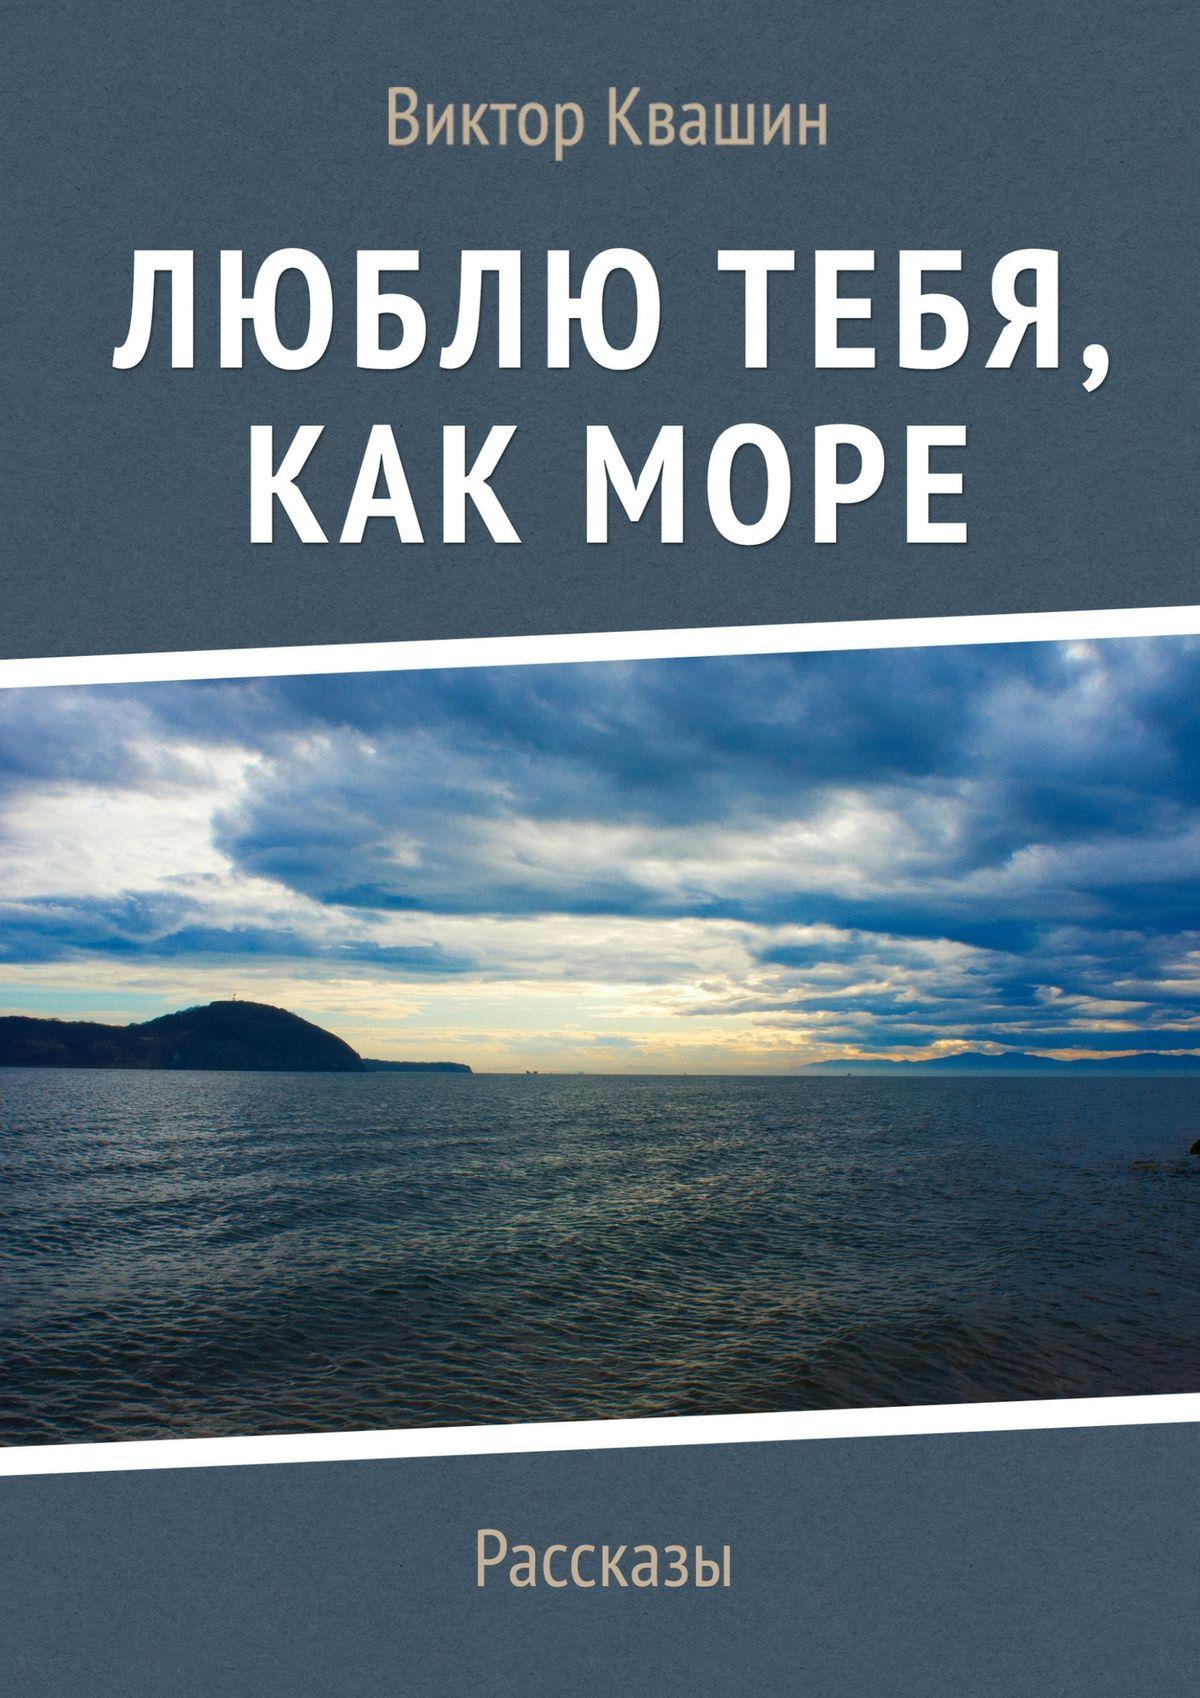 цены на Виктор Квашин Люблю тебя, как Море. Рассказы  в интернет-магазинах